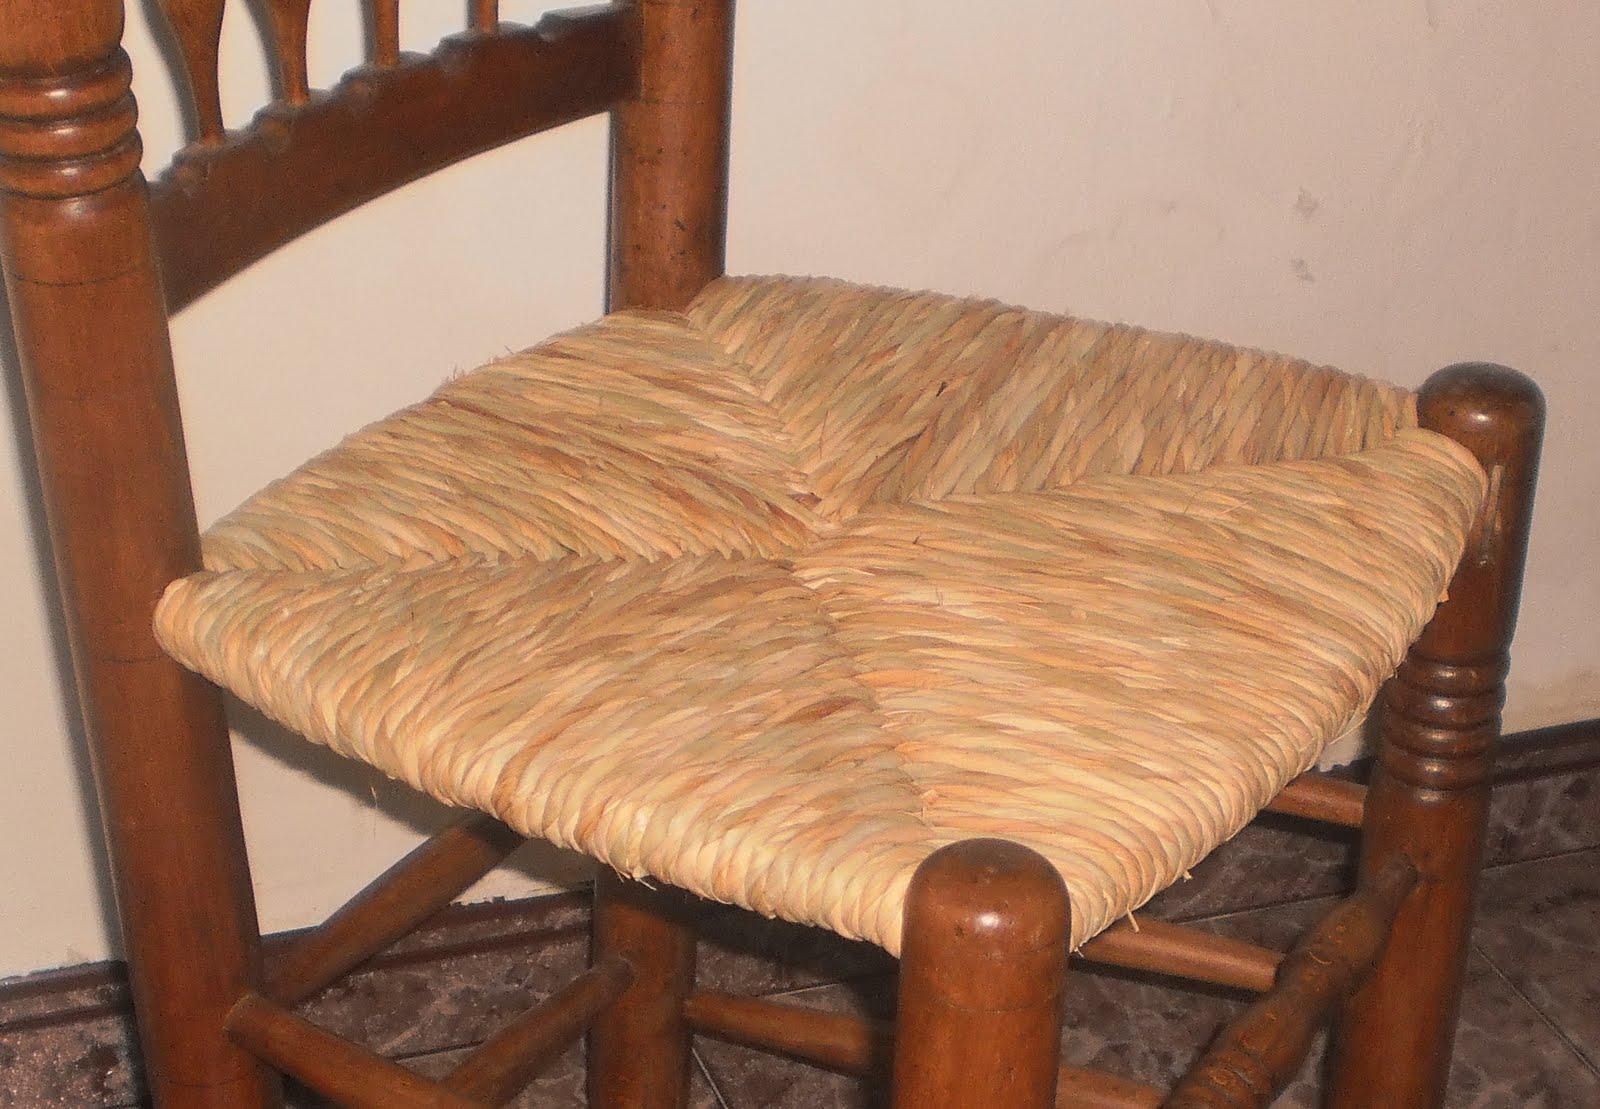 Sillas De Nea Idea De La Imagen De Inicio # Muebles Yoli San Juan Aznalfarache